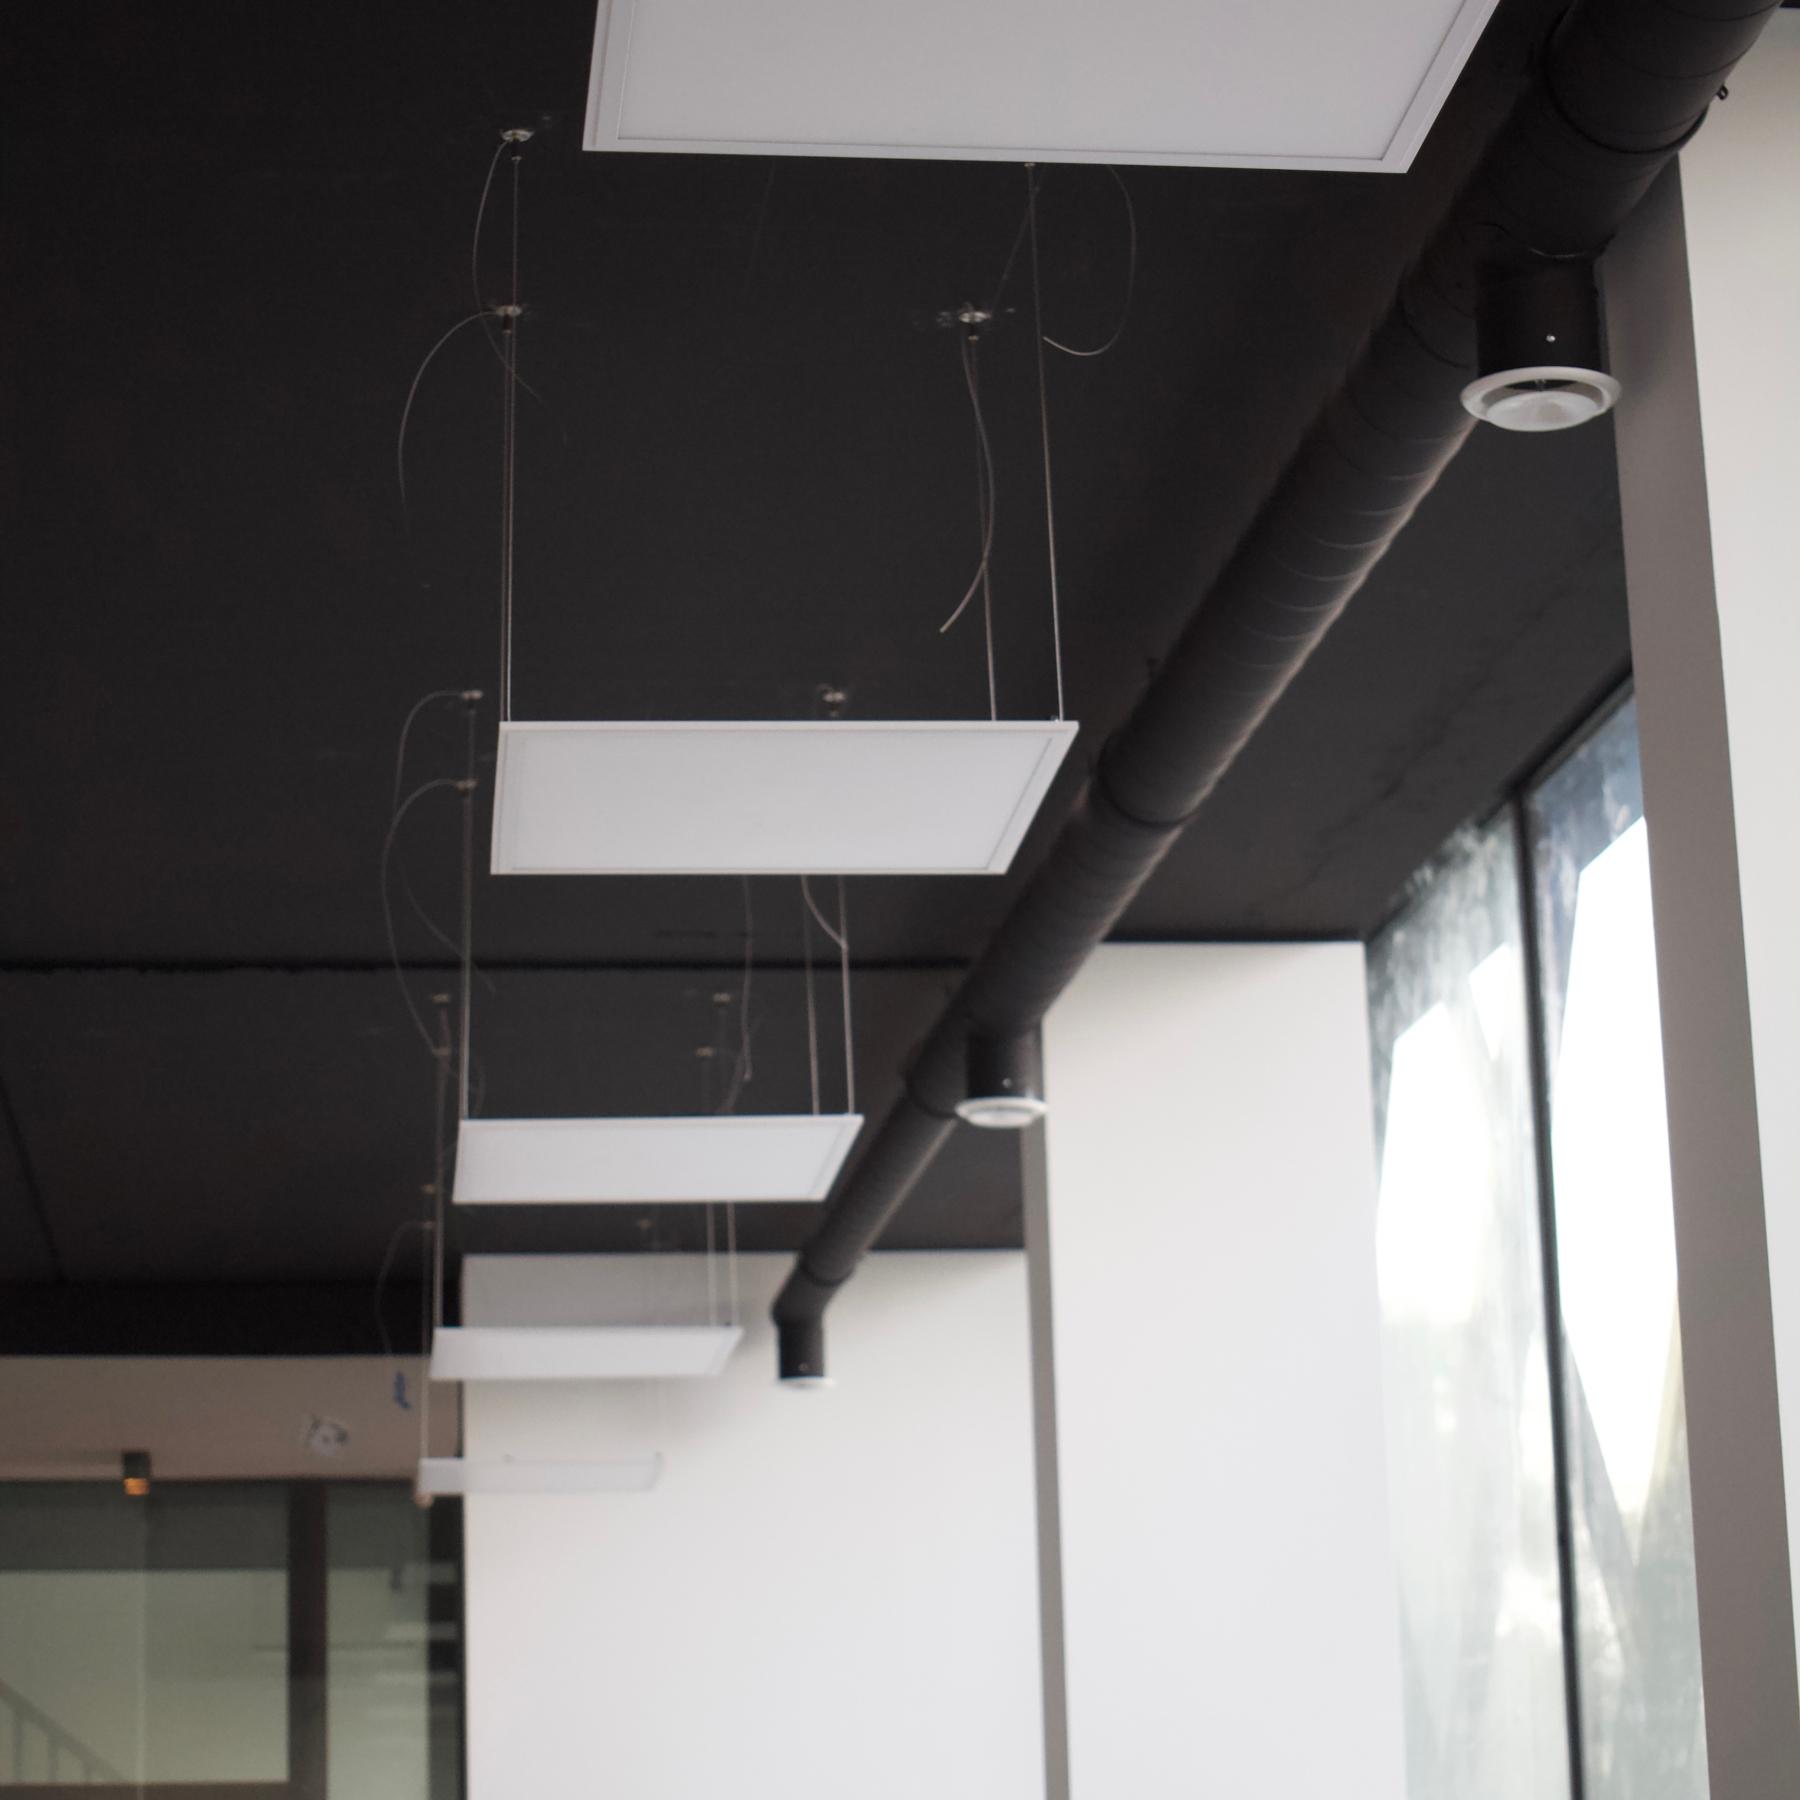 Lichtstudie - Led verlichting Kantoor units Viaa